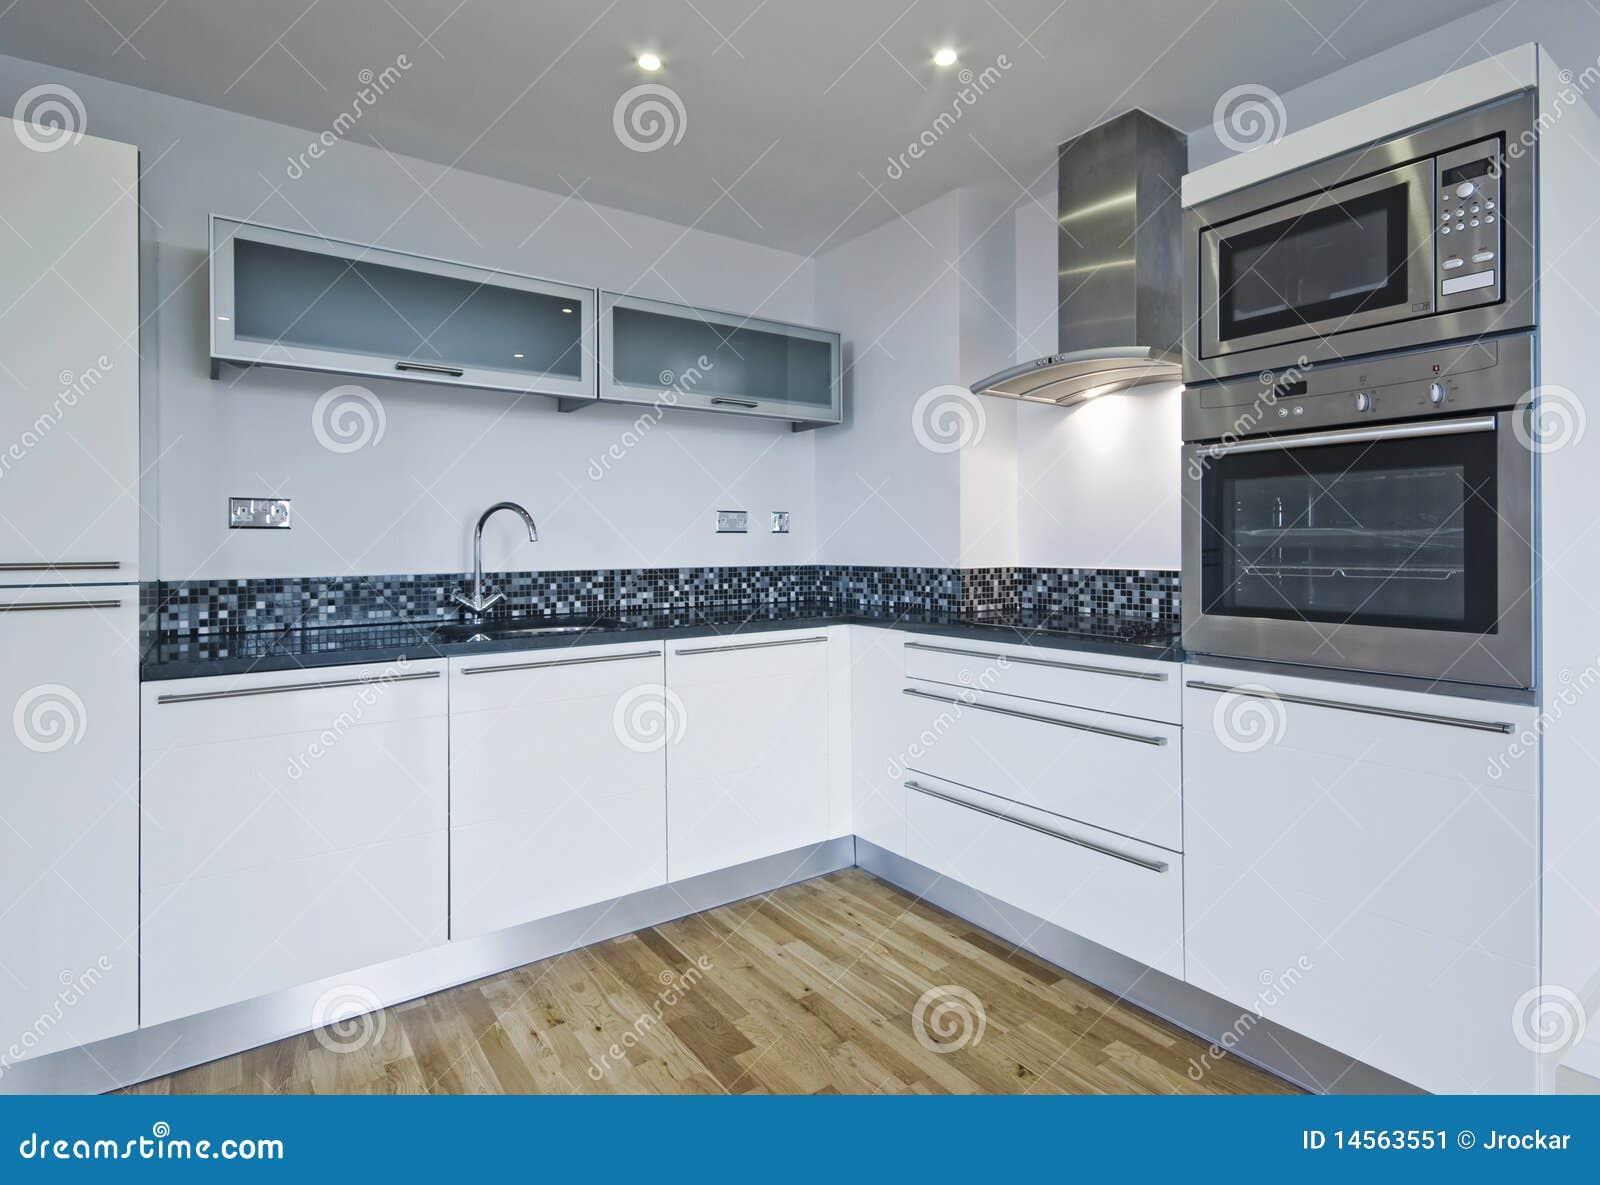 Cucina moderna immagine stock. Immagine di interno, dell - 14563551